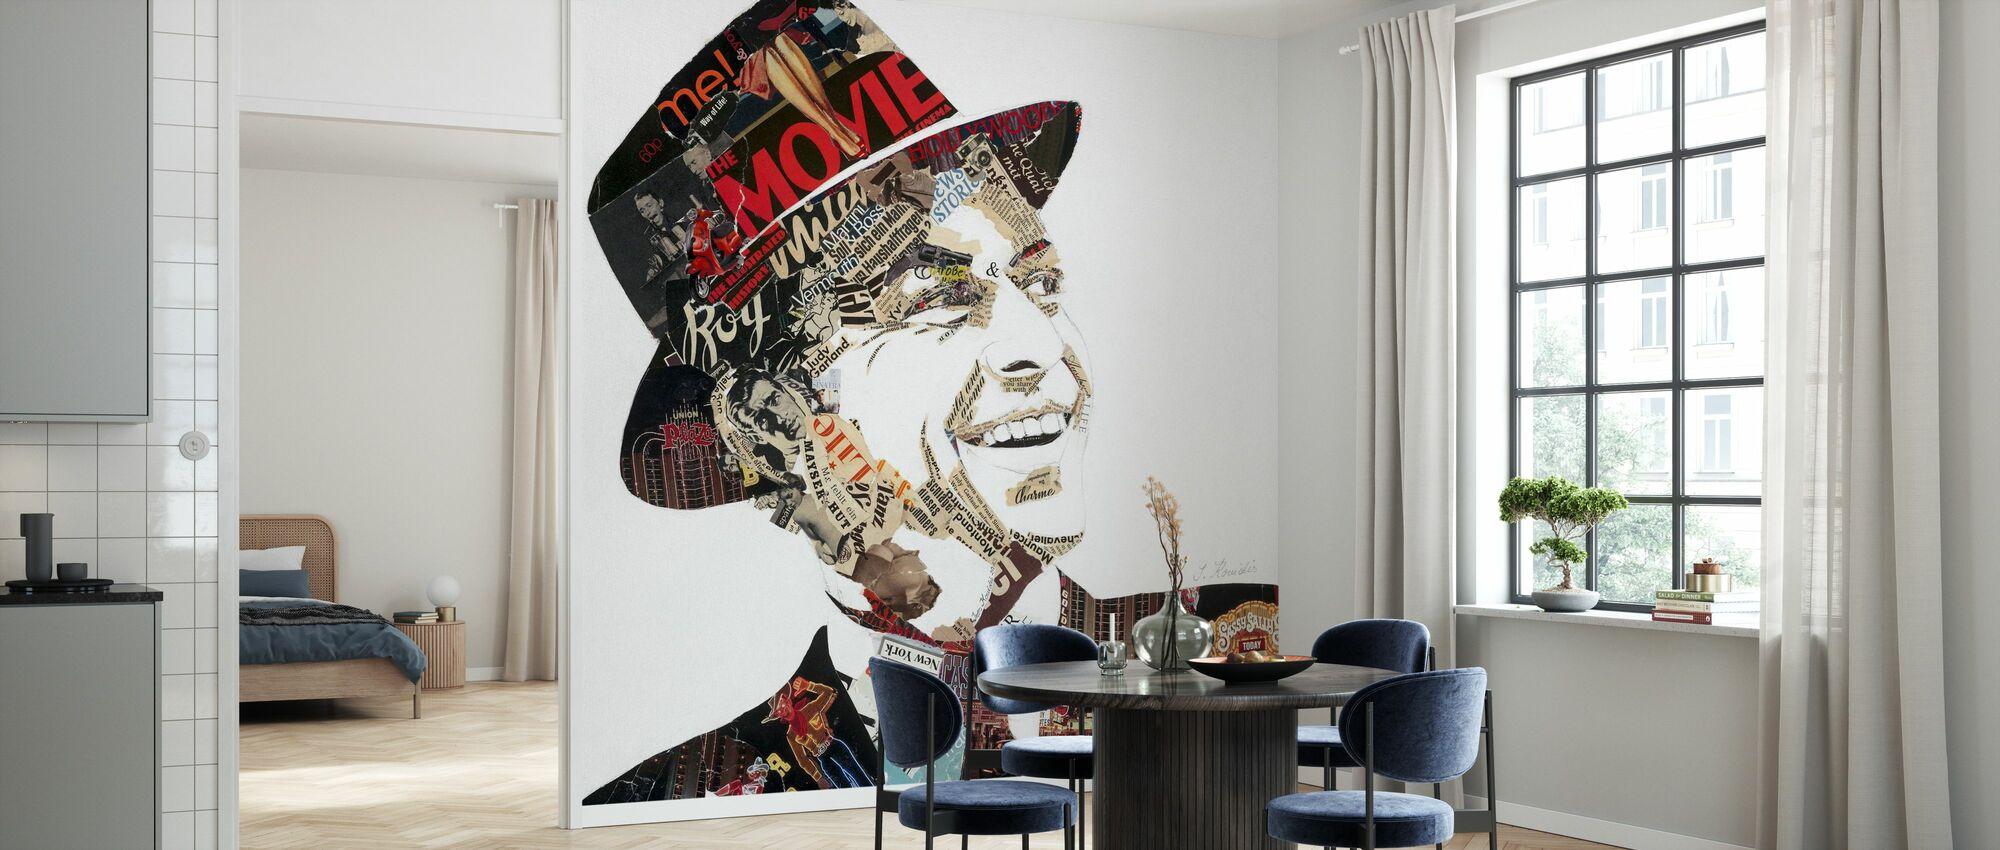 Franky - Wallpaper - Kitchen